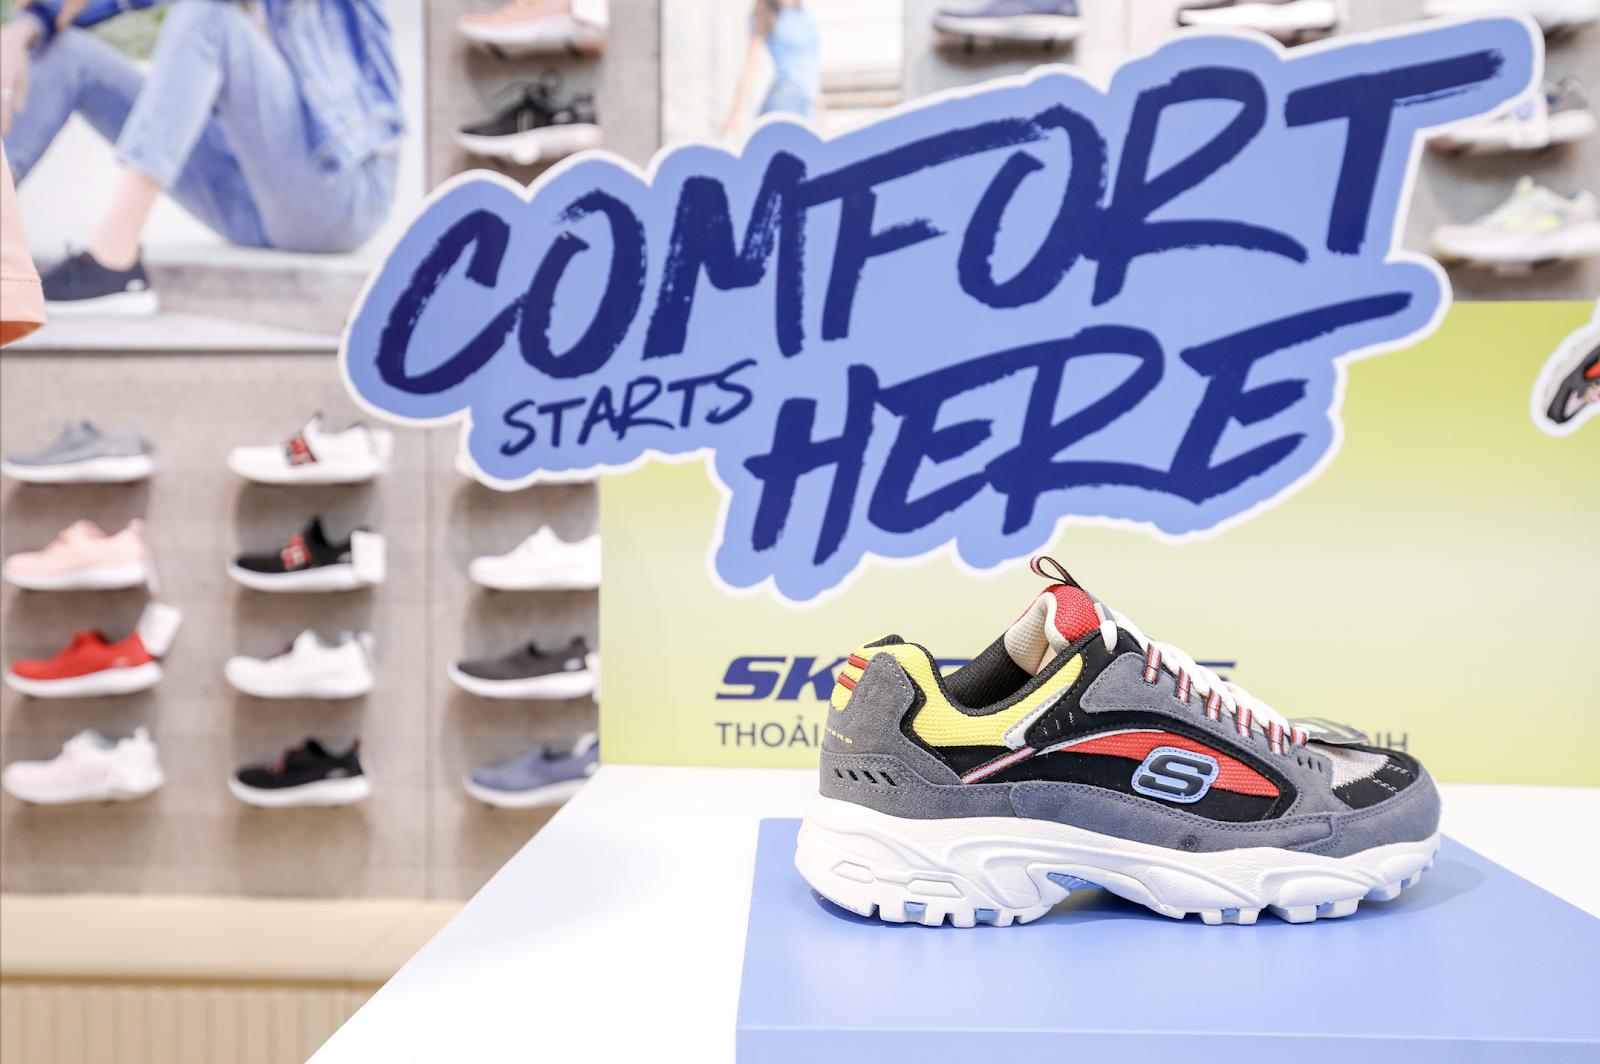 Bất ngờ kép từ Skechers: Karik trở thành đại sứ thương hiệu, chính thức khai trương Flagship Store tại Việt Nam - Ảnh 7.